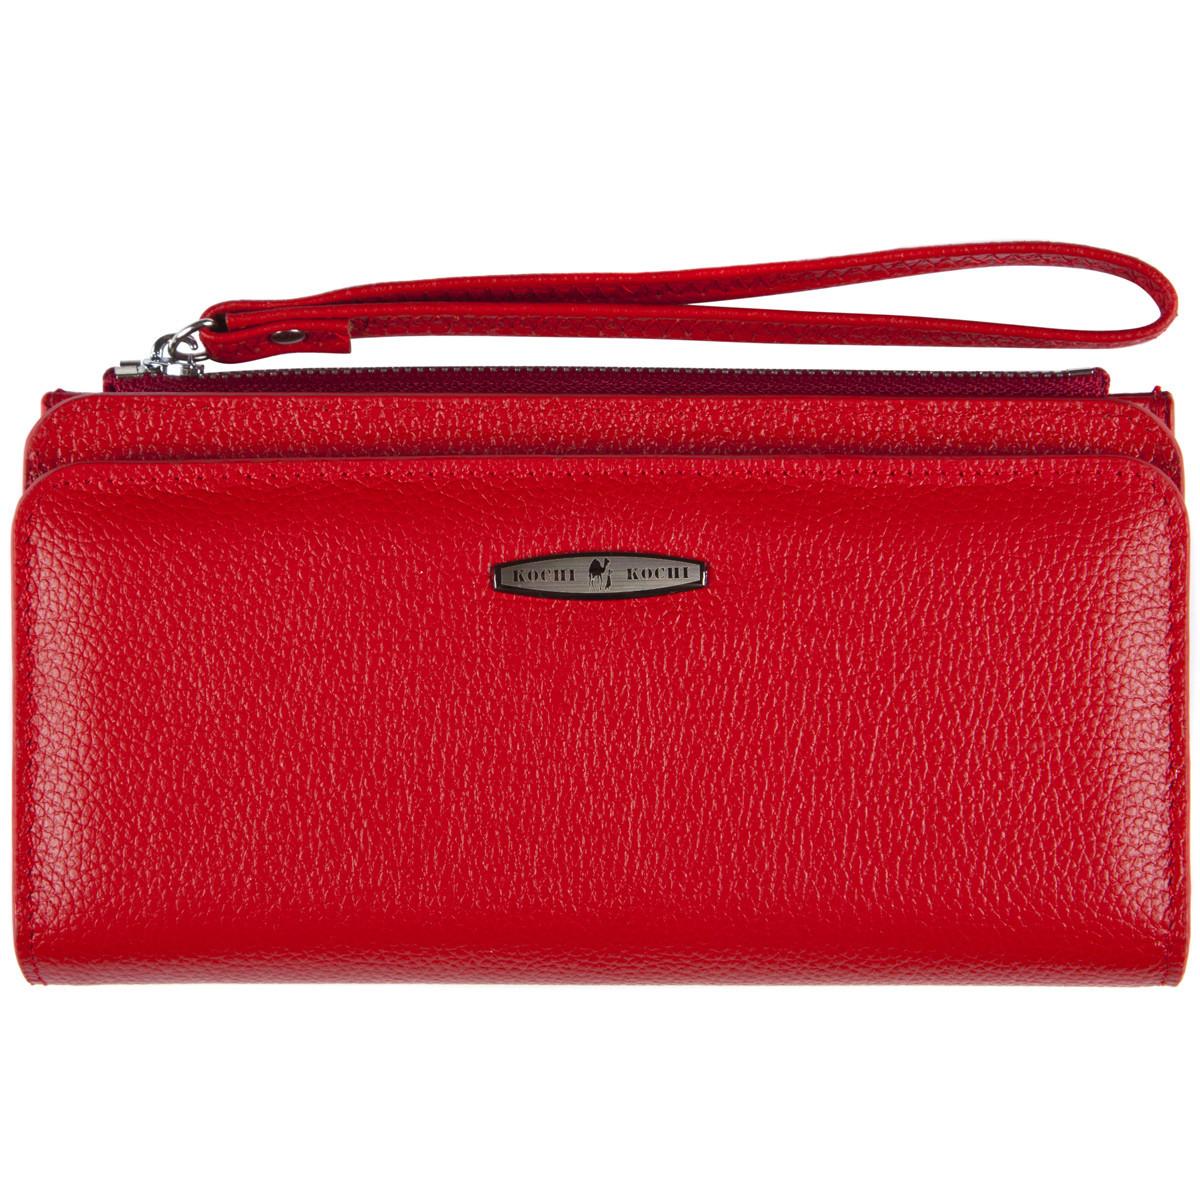 Кожаная красная женская барсетка-кошелёк KOCHI  с ремешком на руку 190х97х20  м К6838-Н09кр